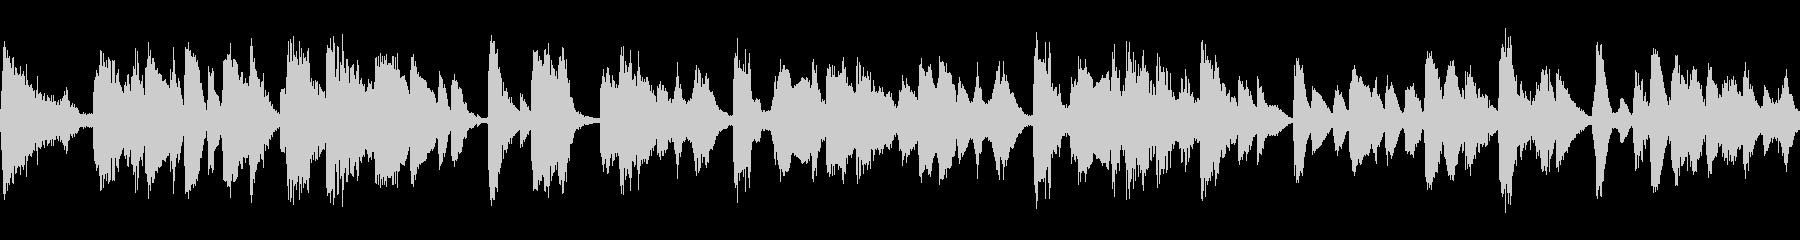 軽快なジャジーなピアノ曲の未再生の波形